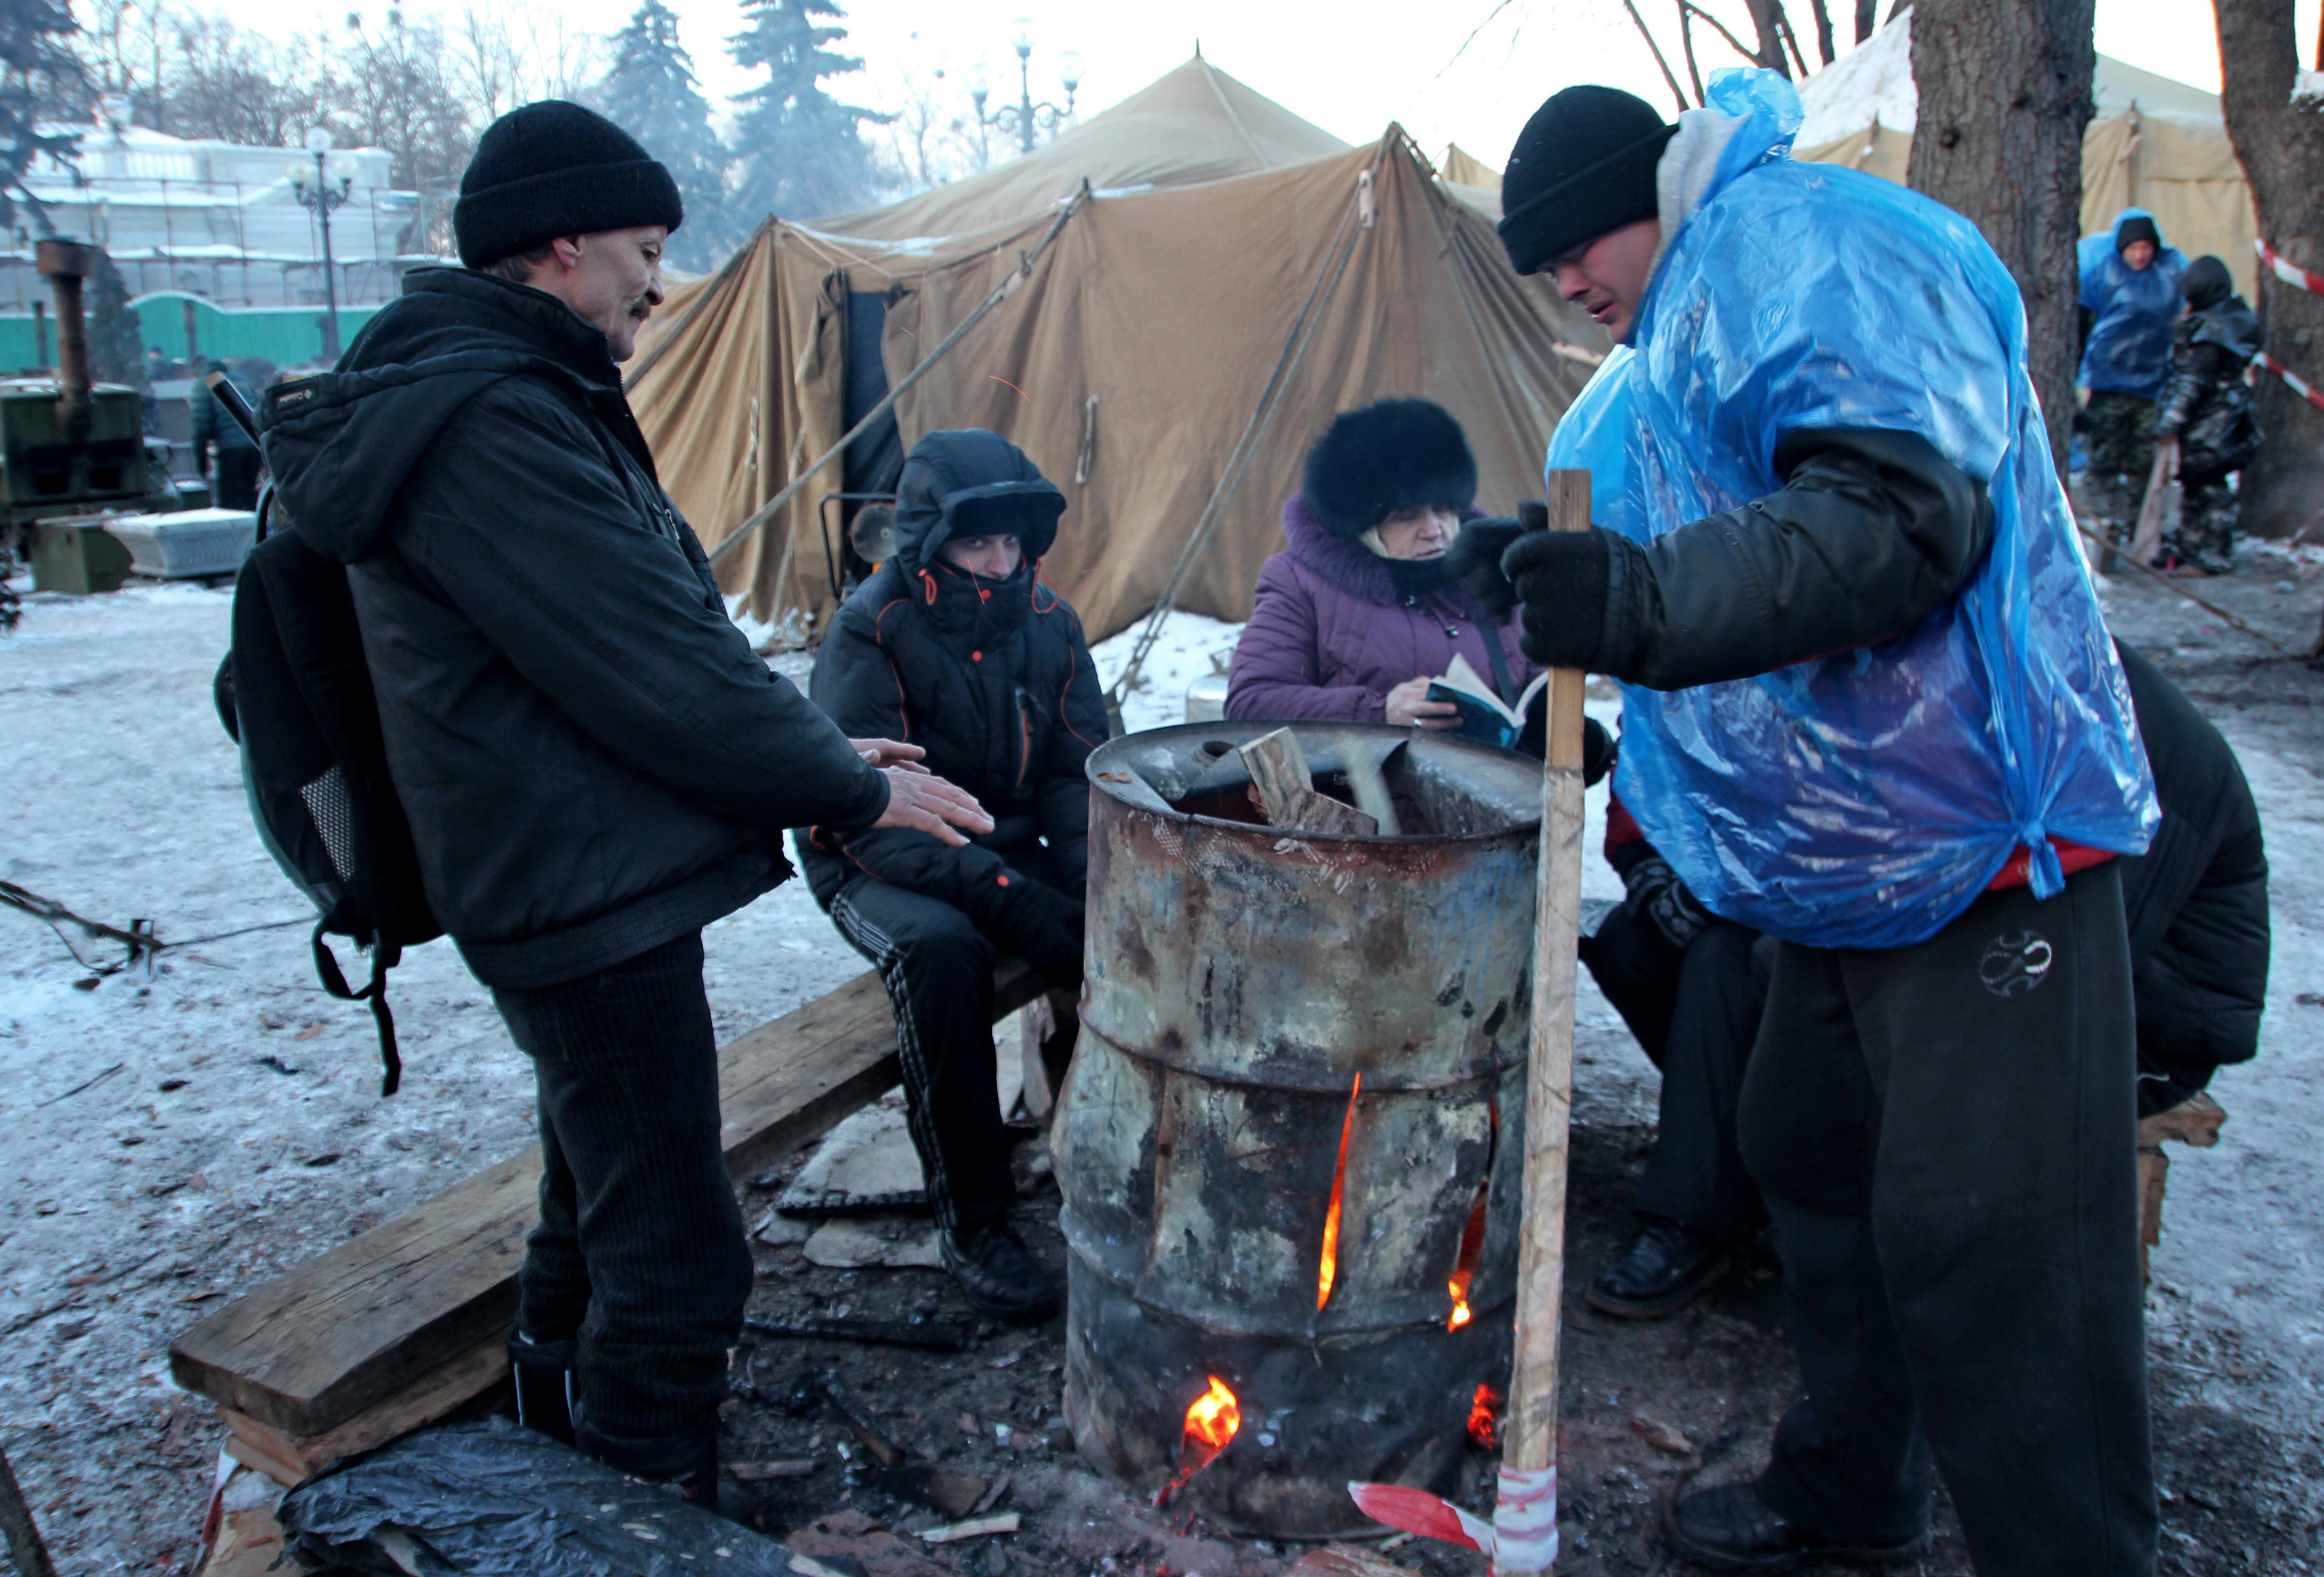 Украина, Киев, Мариинский парк. Антимайдан - палаточный лагерь возле Верховной Рады сторонников Президента Януковича и партии регионов.